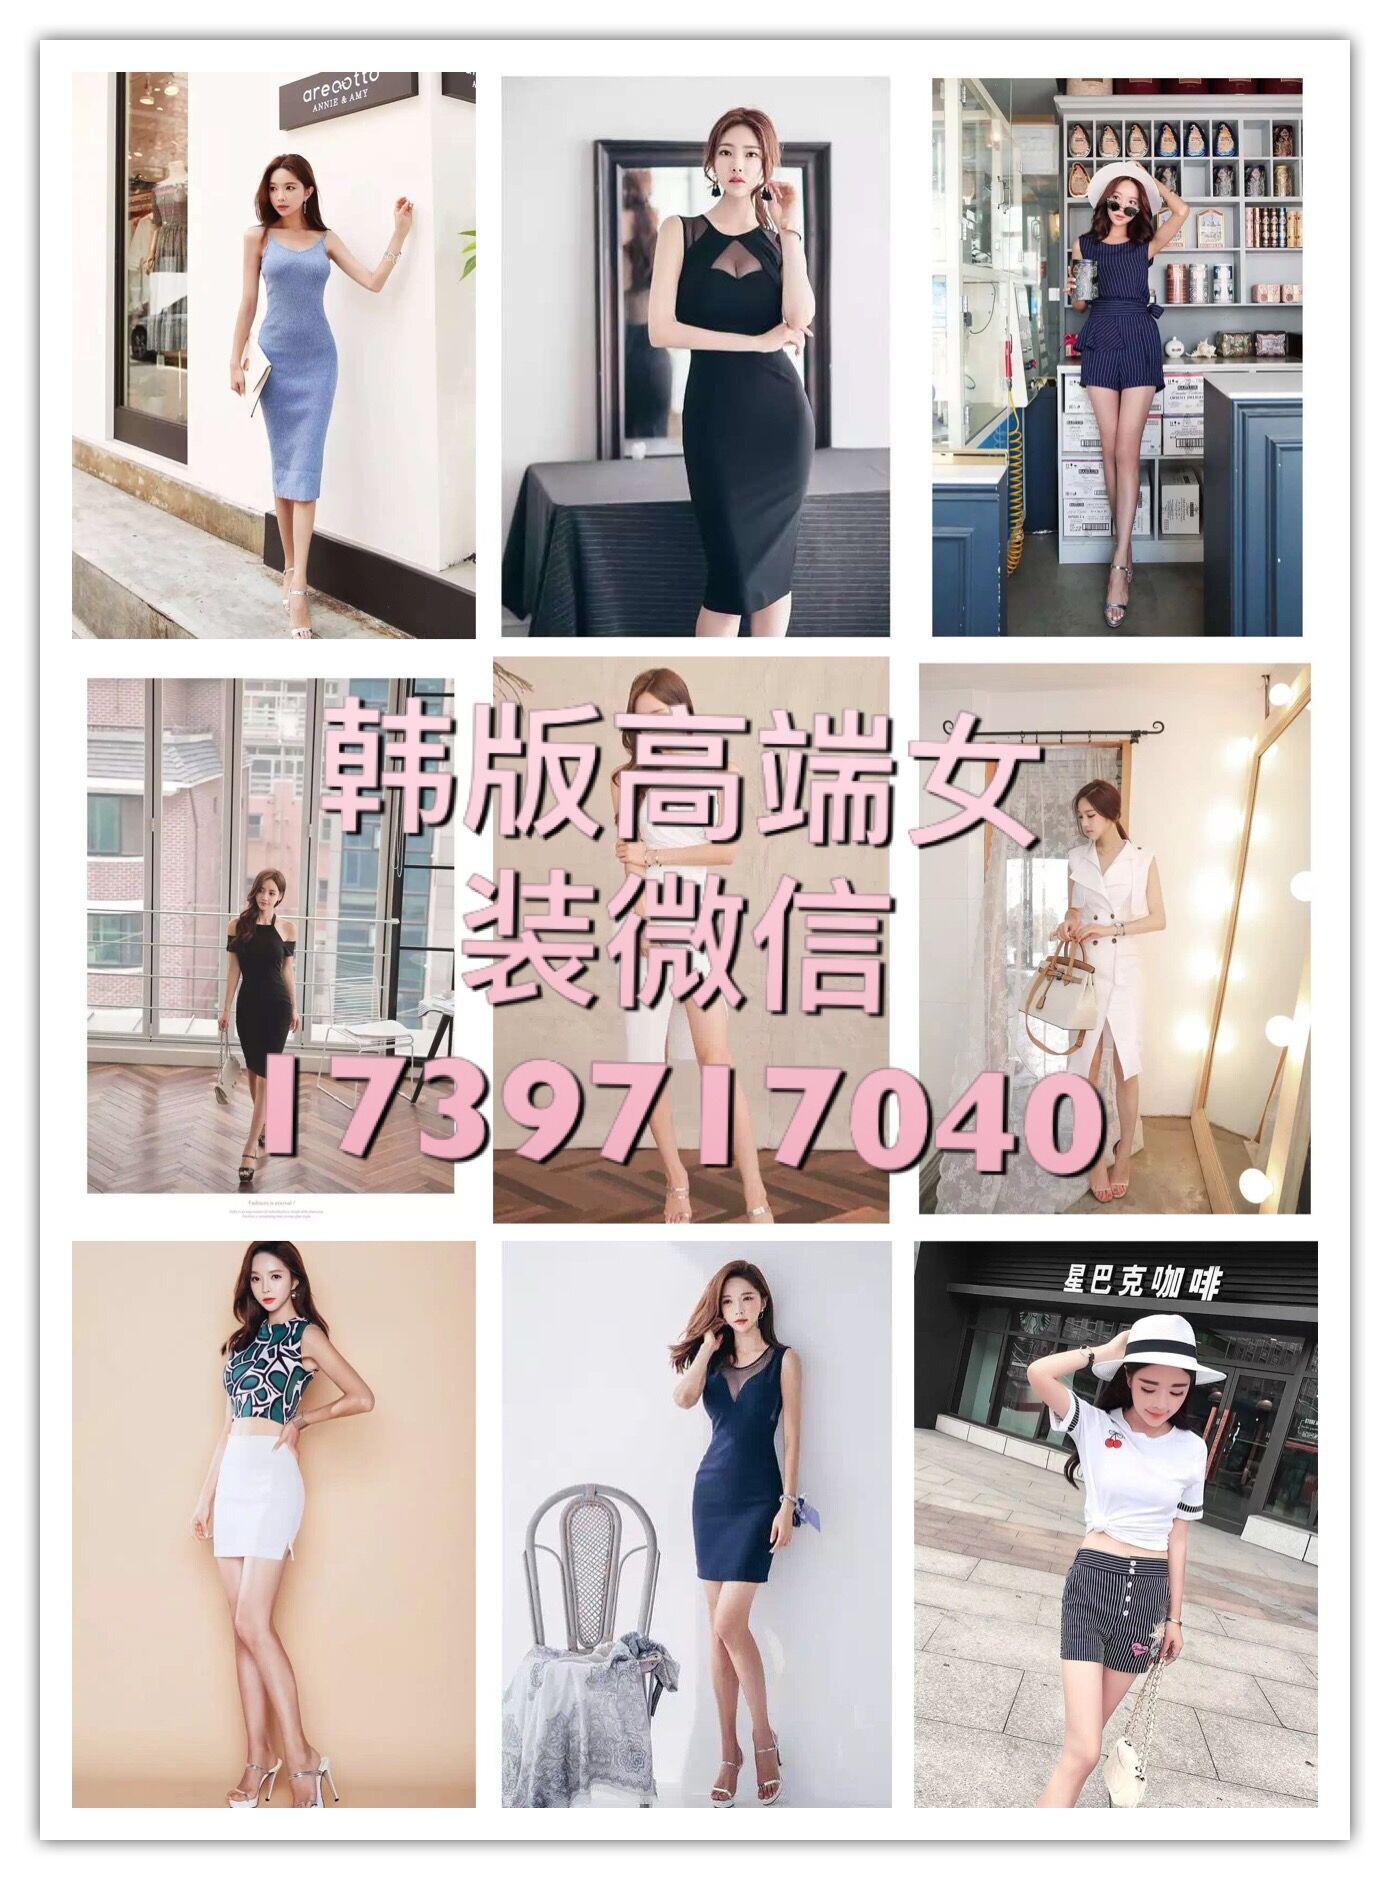 这是第4张女装货源微商女装进货女装代理的货源图片